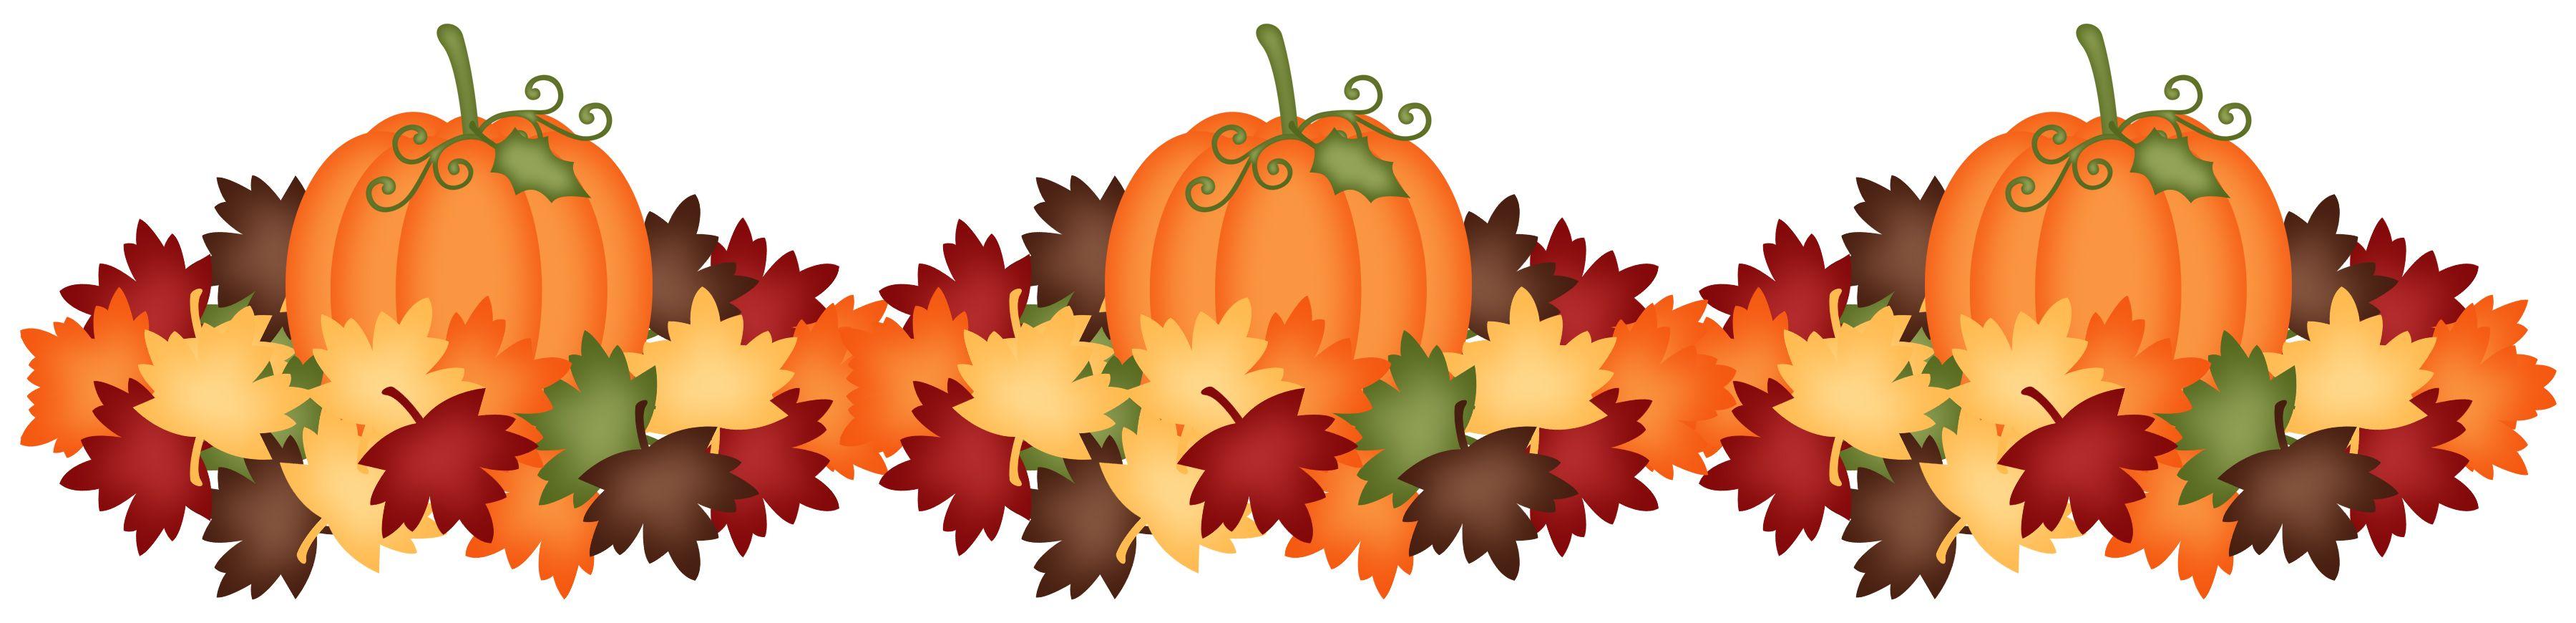 PUMPKINS AND LEAVES | Fall clip art, Clip art borders ...